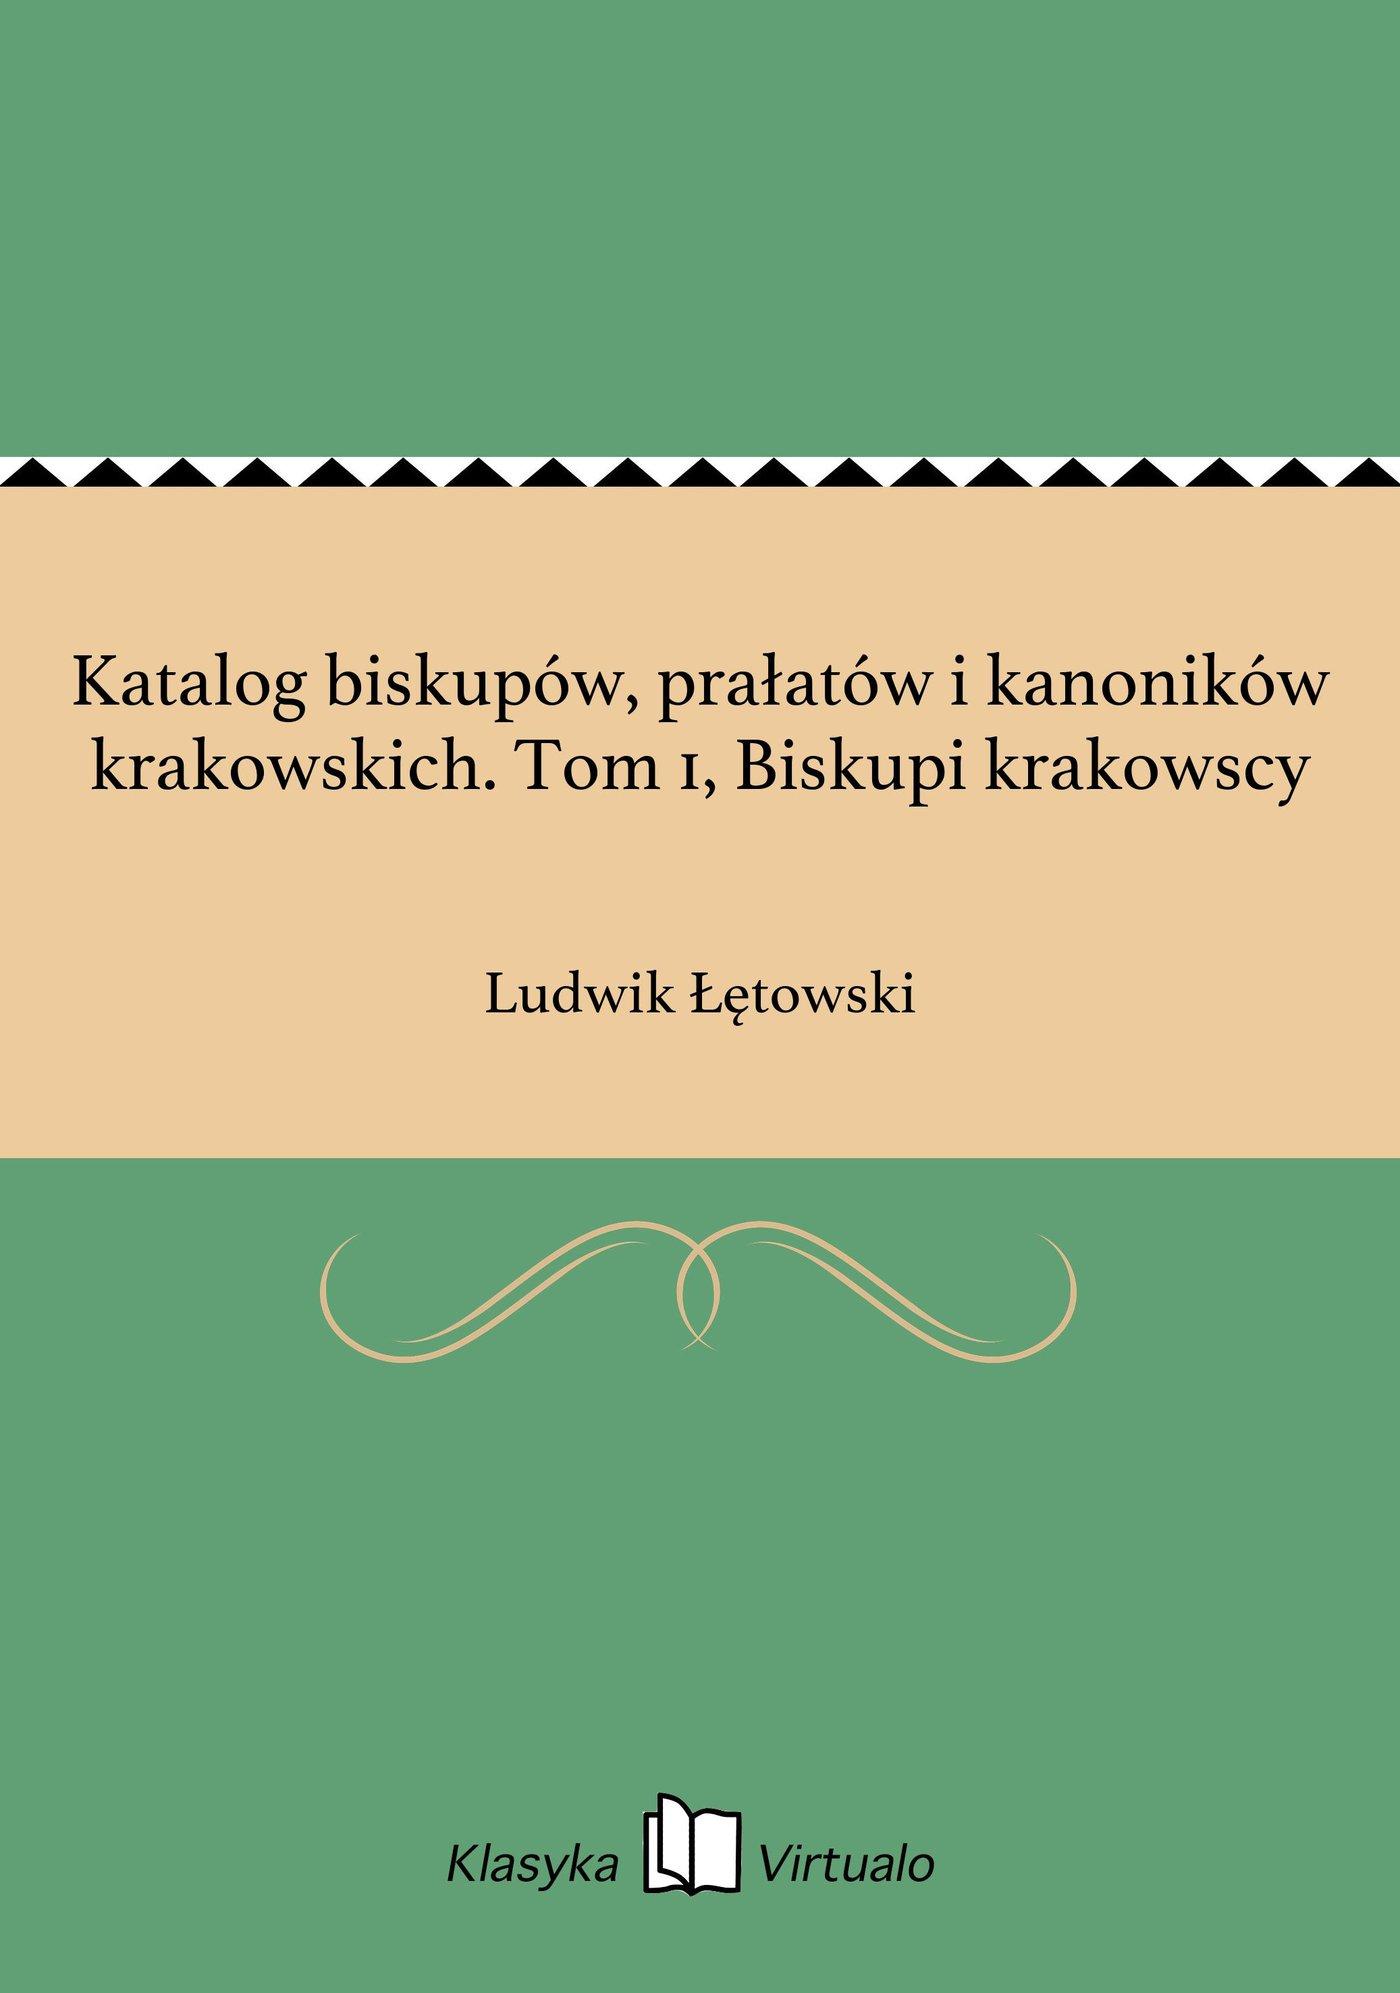 Katalog biskupów, prałatów i kanoników krakowskich. Tom 1, Biskupi krakowscy - Ebook (Książka EPUB) do pobrania w formacie EPUB